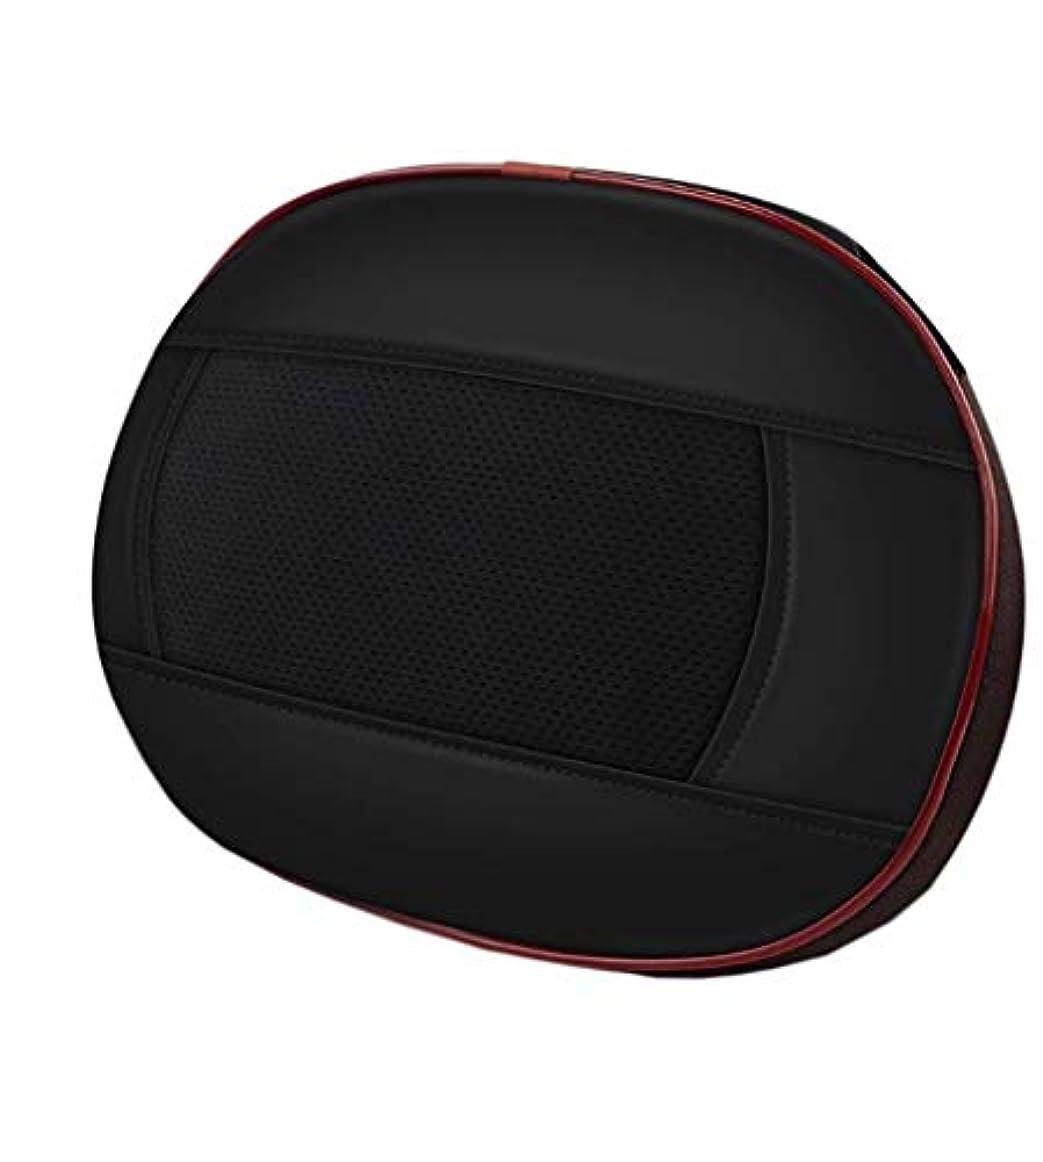 維持するメッシュカラスネックマッサージャー、フィンガープレスネックマッサージピロー、多機能マッサージモード、スマートボタン、20強度、15分のタイミング、ホームオフィス用